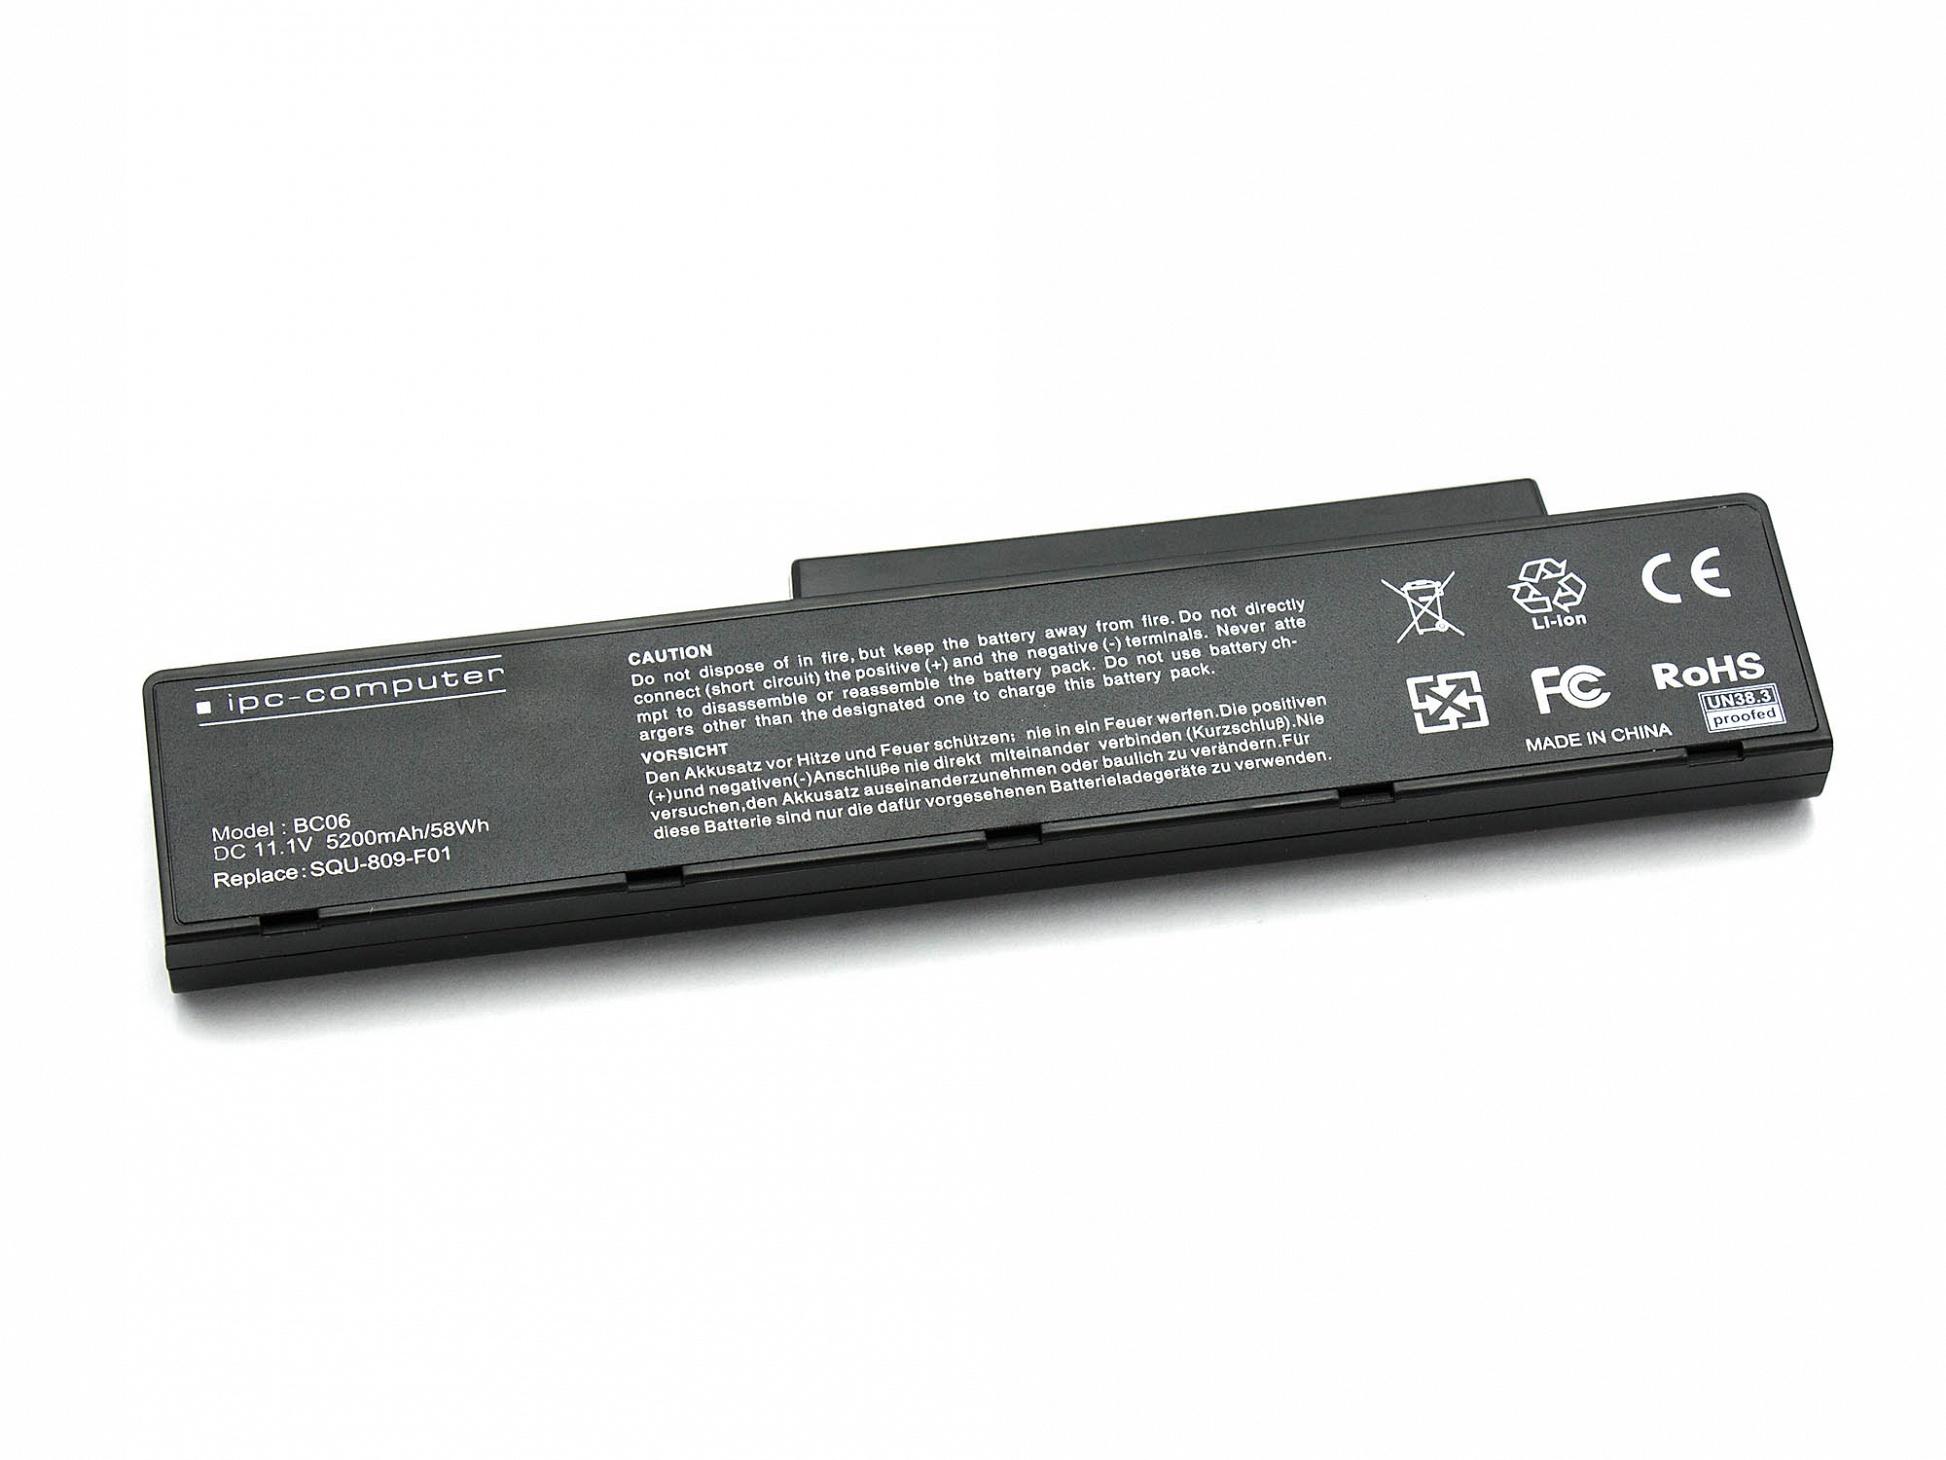 Akku Fujitsu Amilo Li-3910 Reg.No. EF9